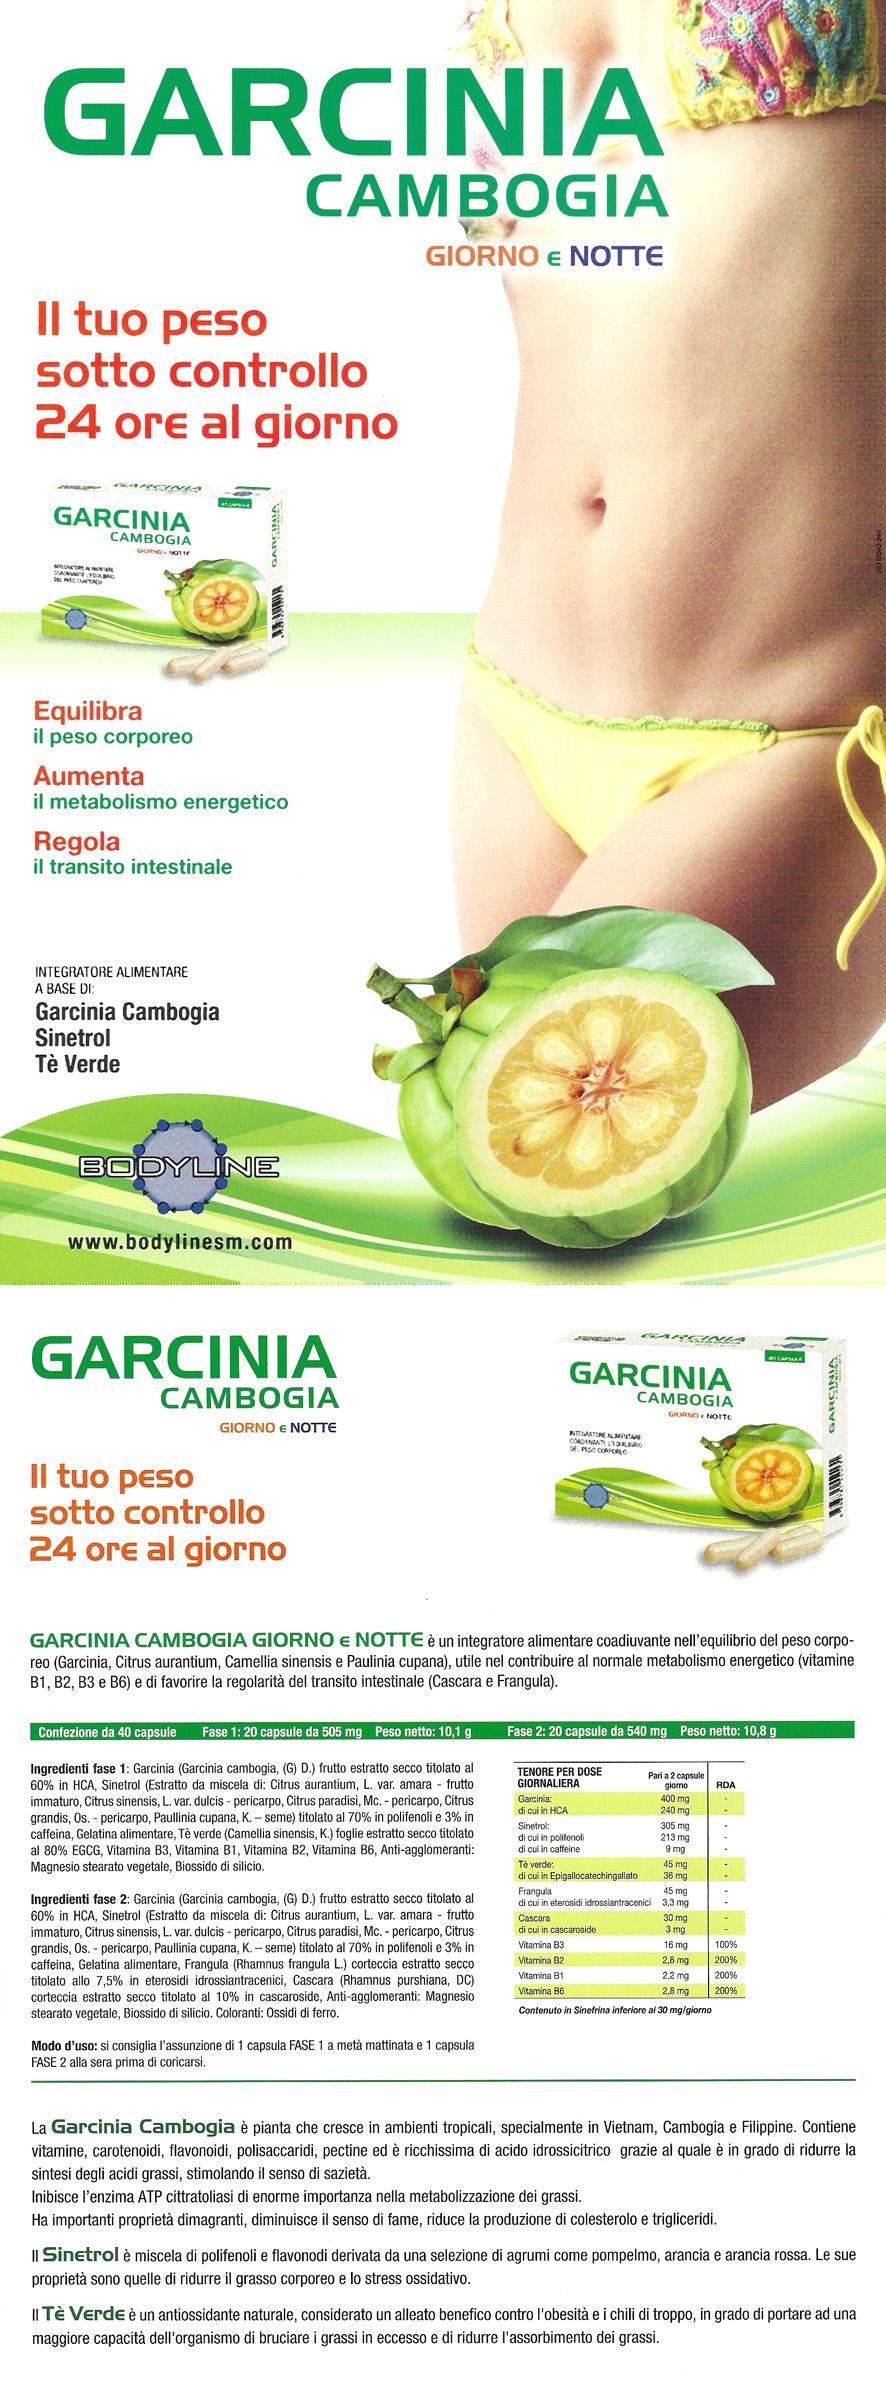 Alli diet pills buy online image 2